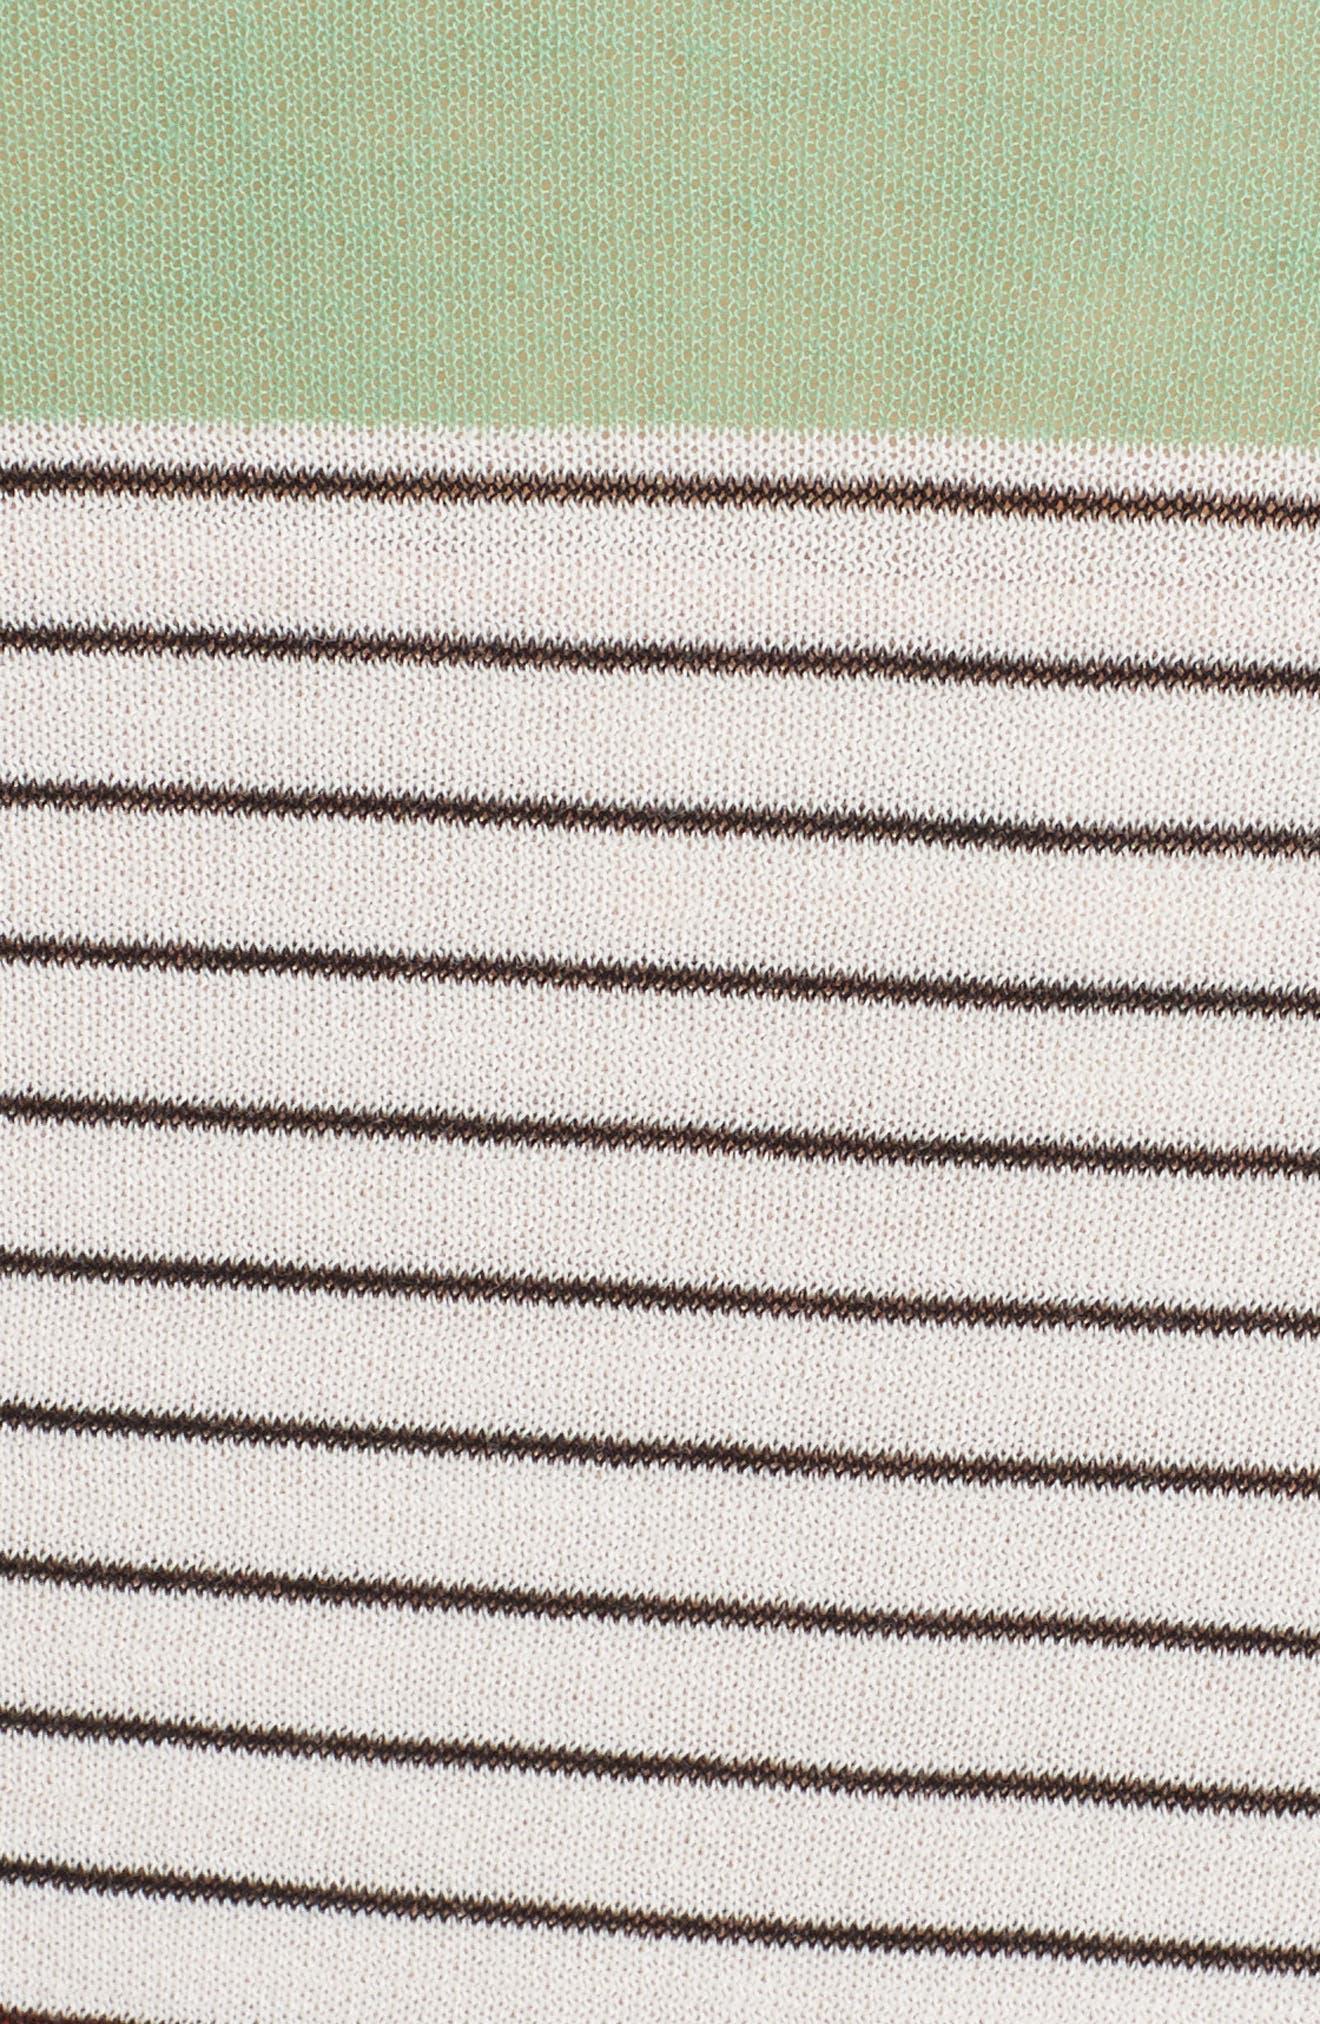 Colorblock Knit Midi Dress,                             Alternate thumbnail 6, color,                             441